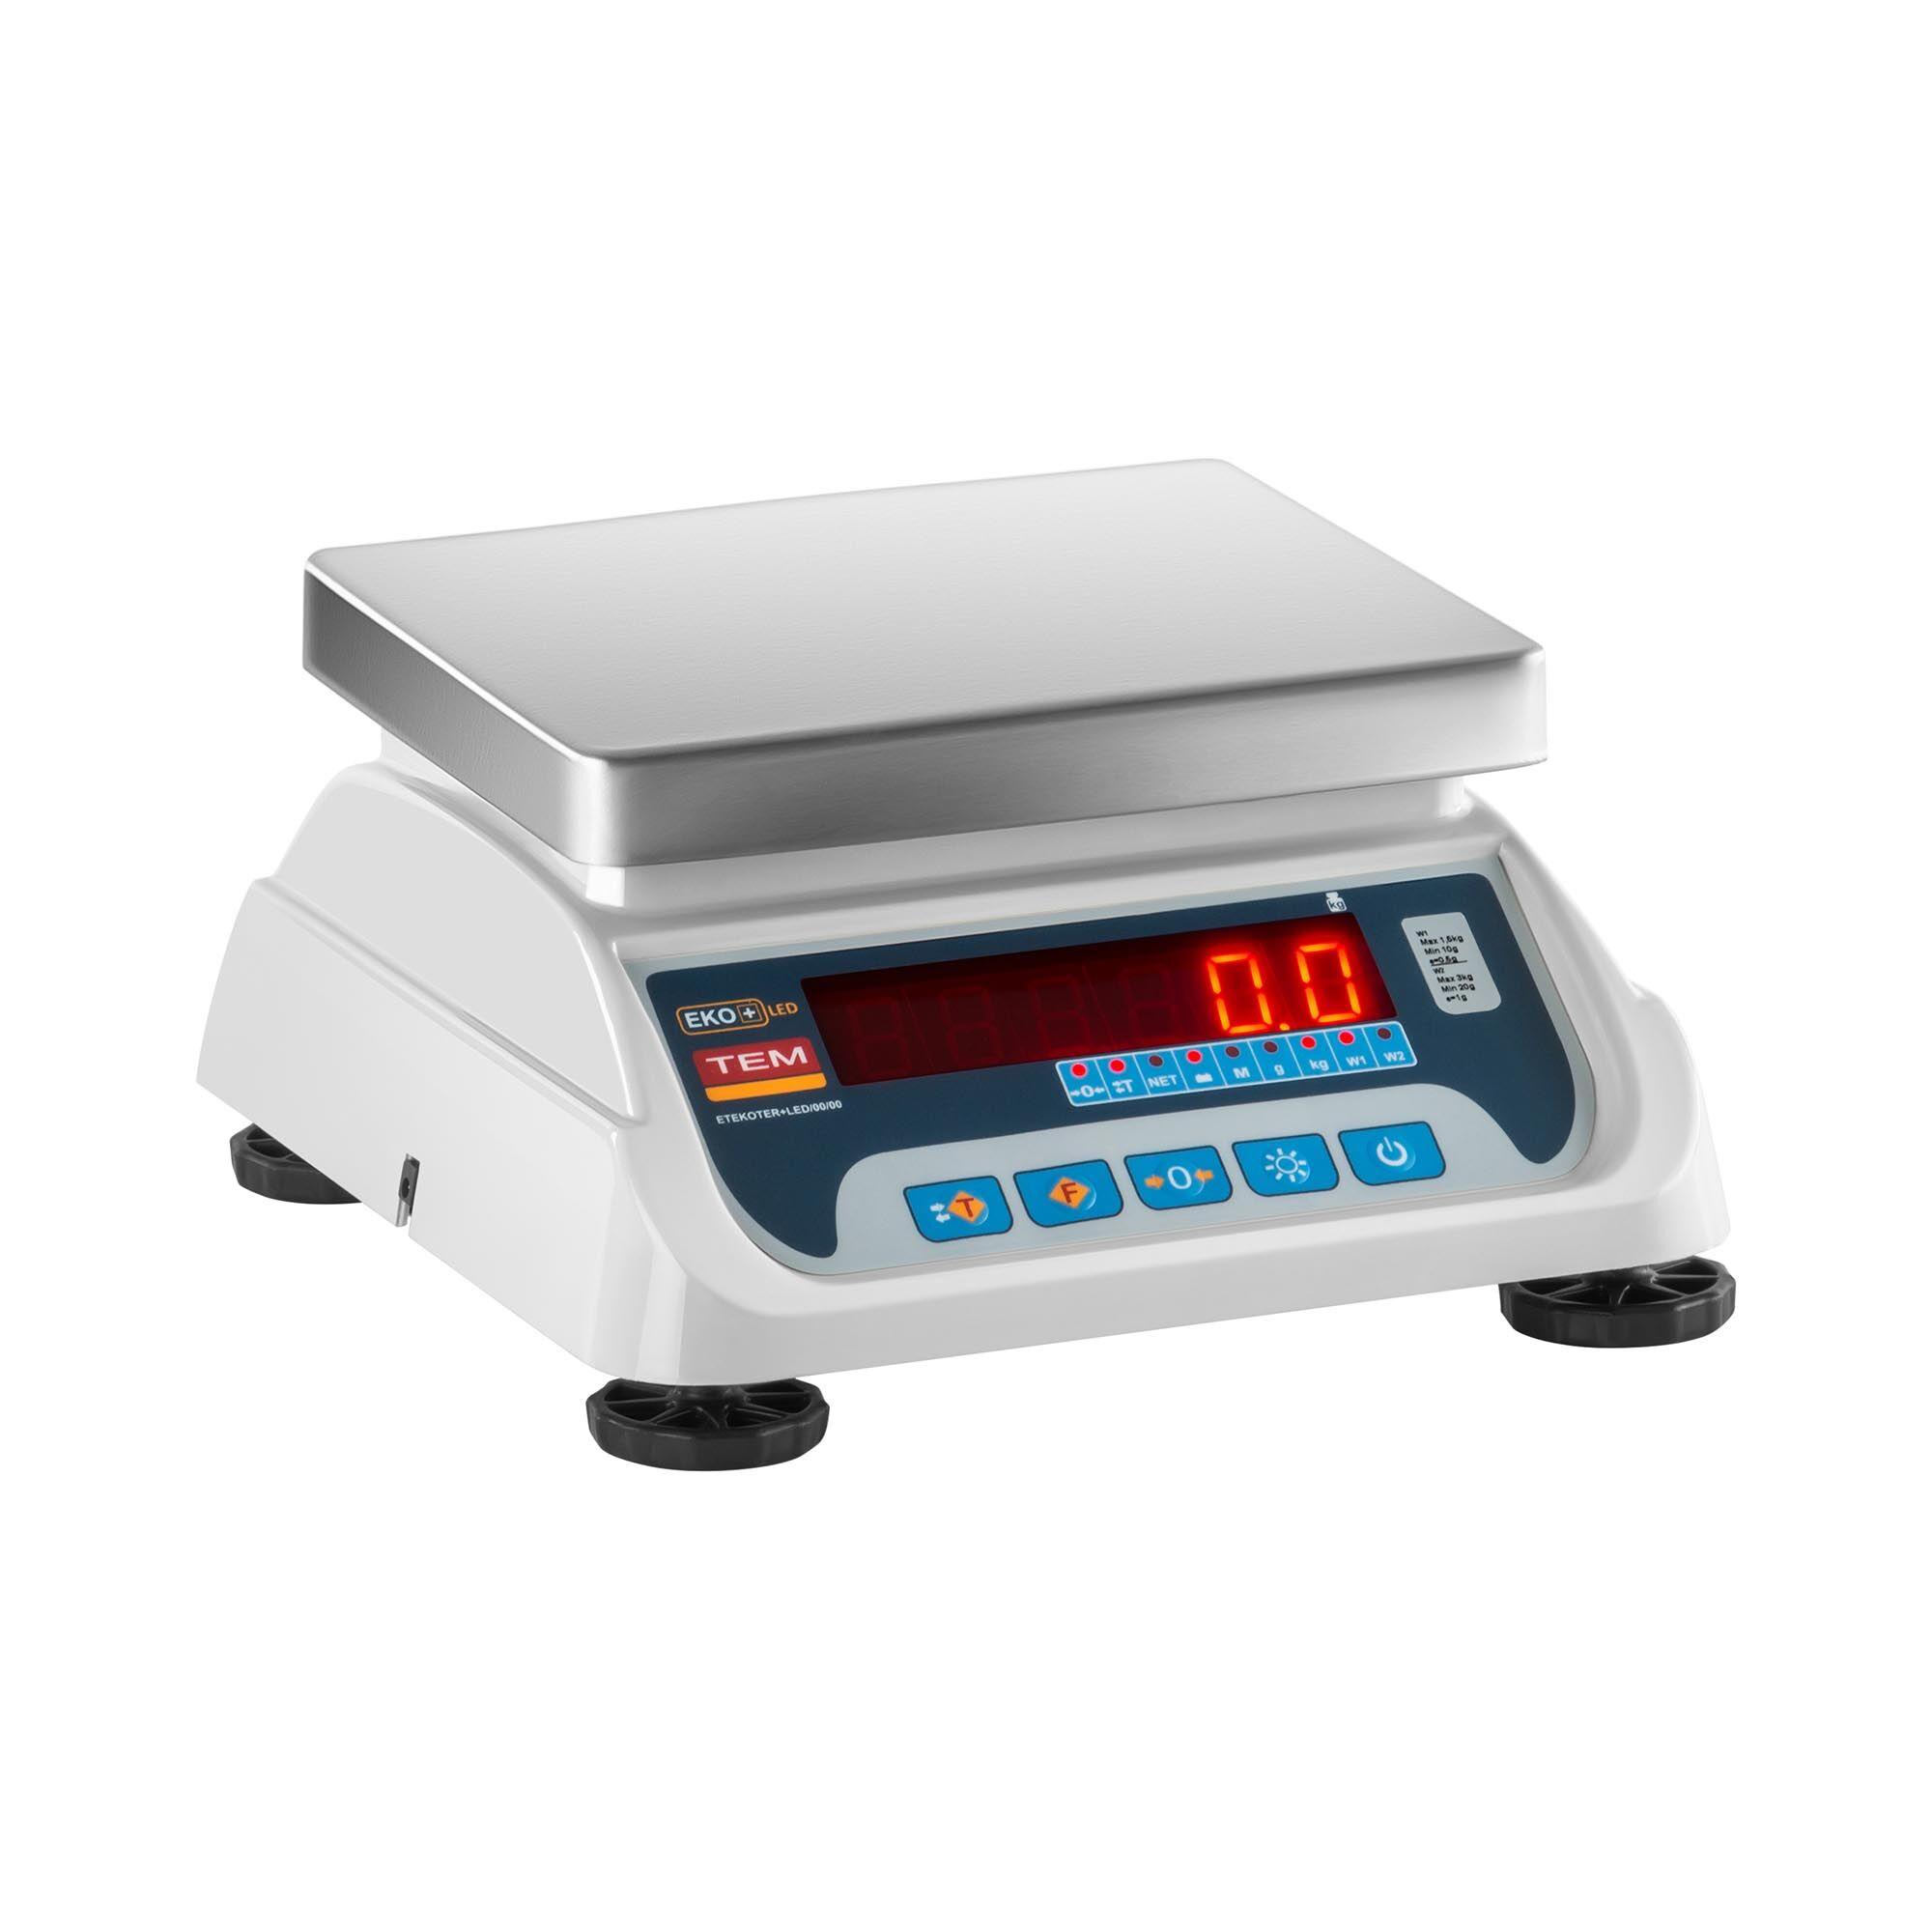 TEM Balance poids-prix - Calibrage certifié - 1,5 kg / 0,5 g - 3 kg / 1 g - LED TEKO+LED03T-PLS-B1